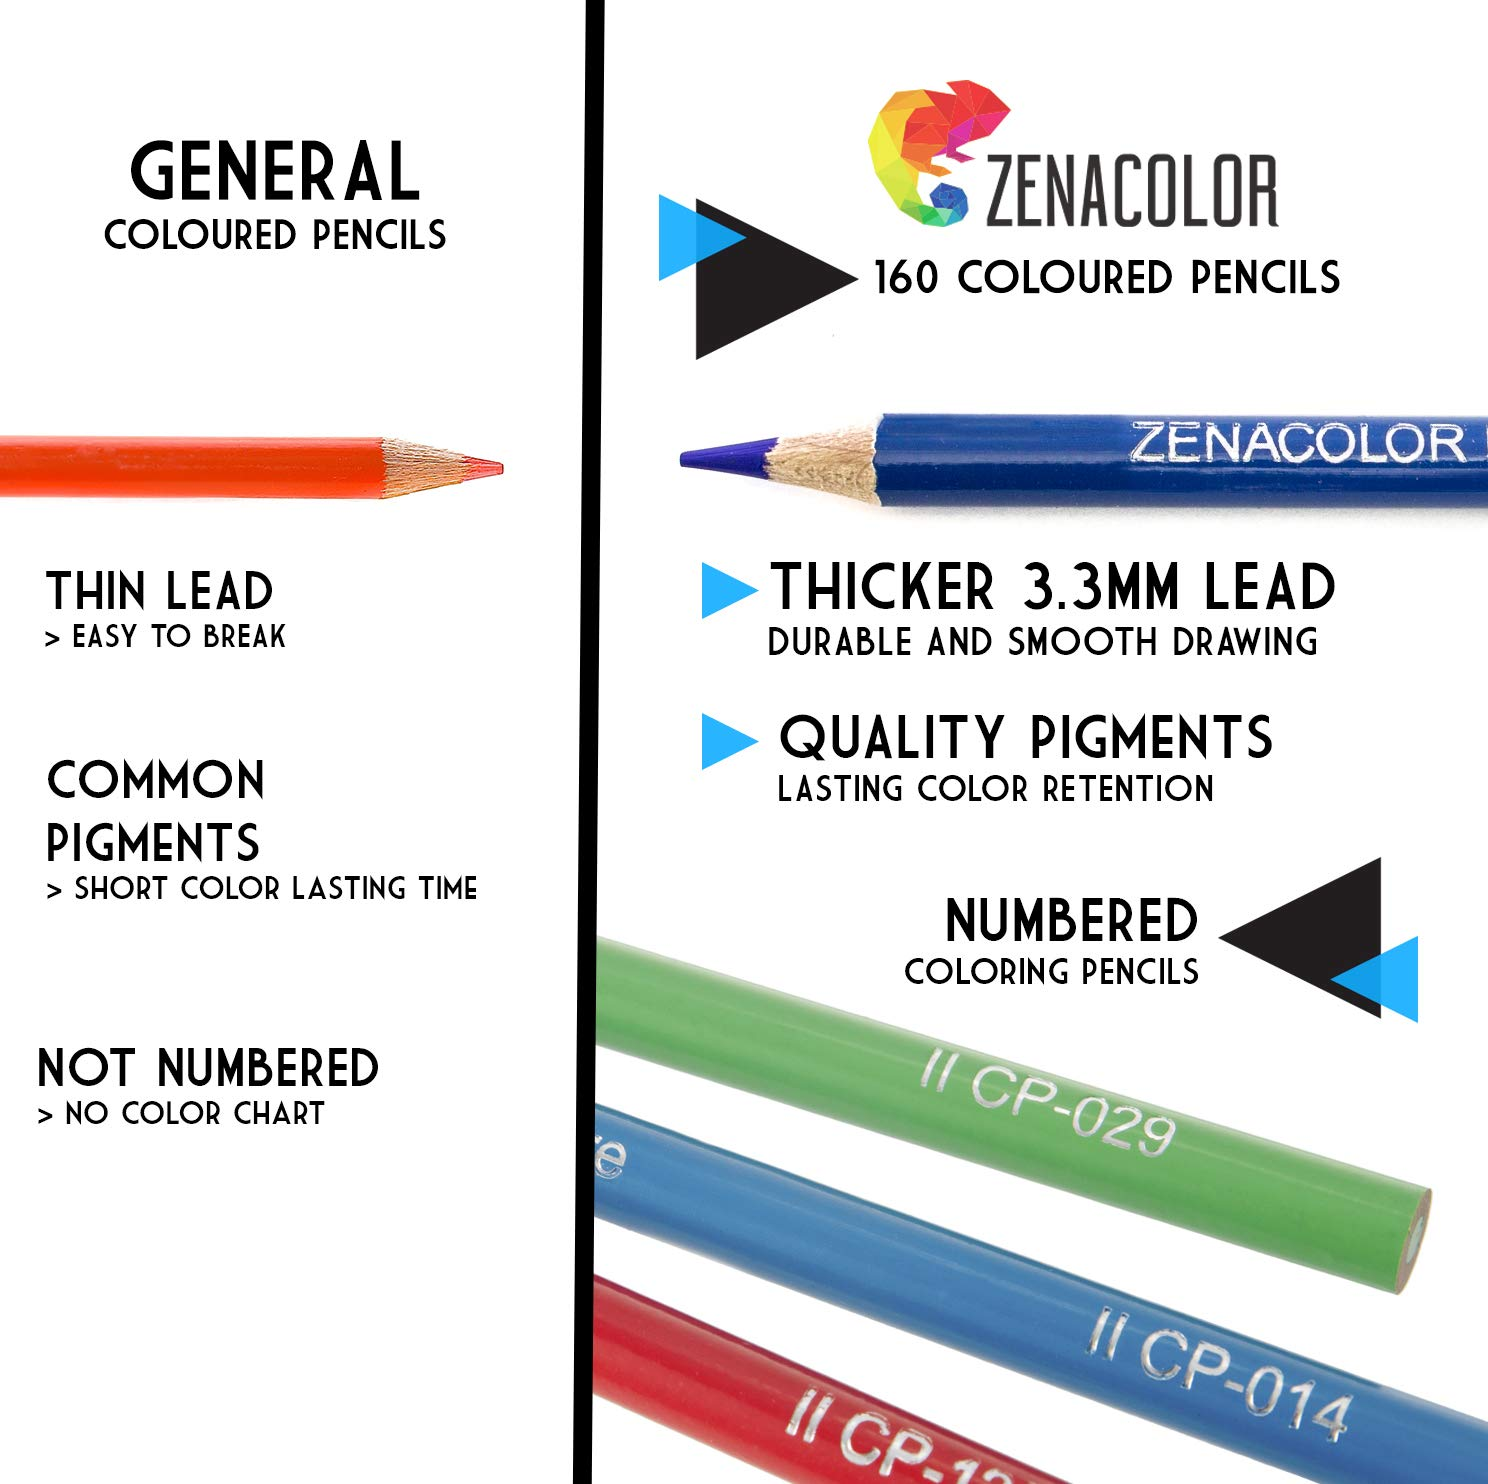 120 (Numerado) Lápices de Colores (Numerado) 120 de Zenacolor - 120 Colores Únicos para Libro de Colorear para Adultos - Fácil Acceso con 4 Bandejas - Regalo Ideal para Artistas, Adultos y Niños 28a9f7